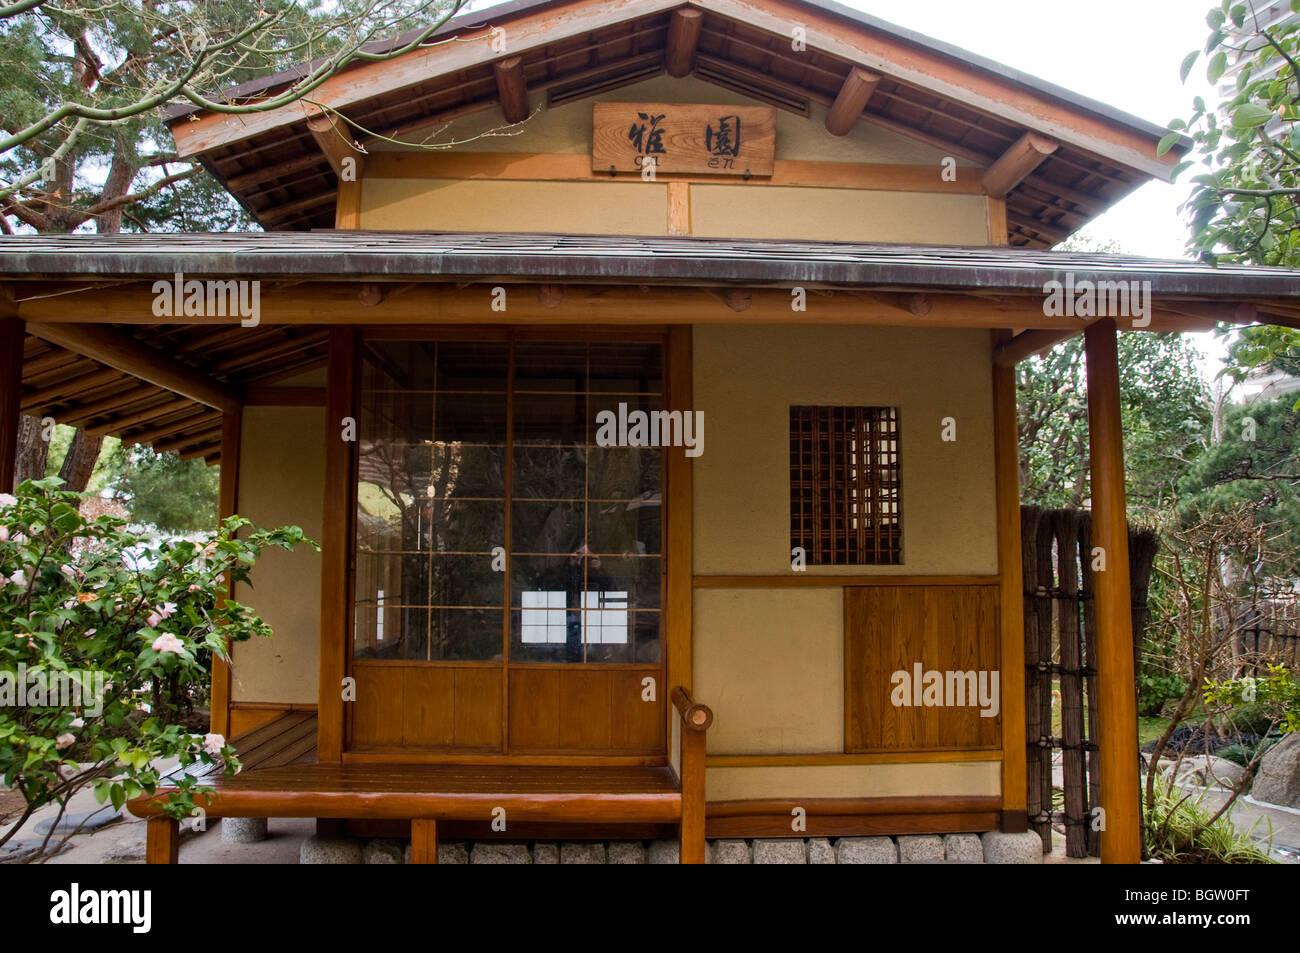 Plan Maison Traditionnelle Japonaise monaco, monte carlo, jardin japonais, jardin japonais